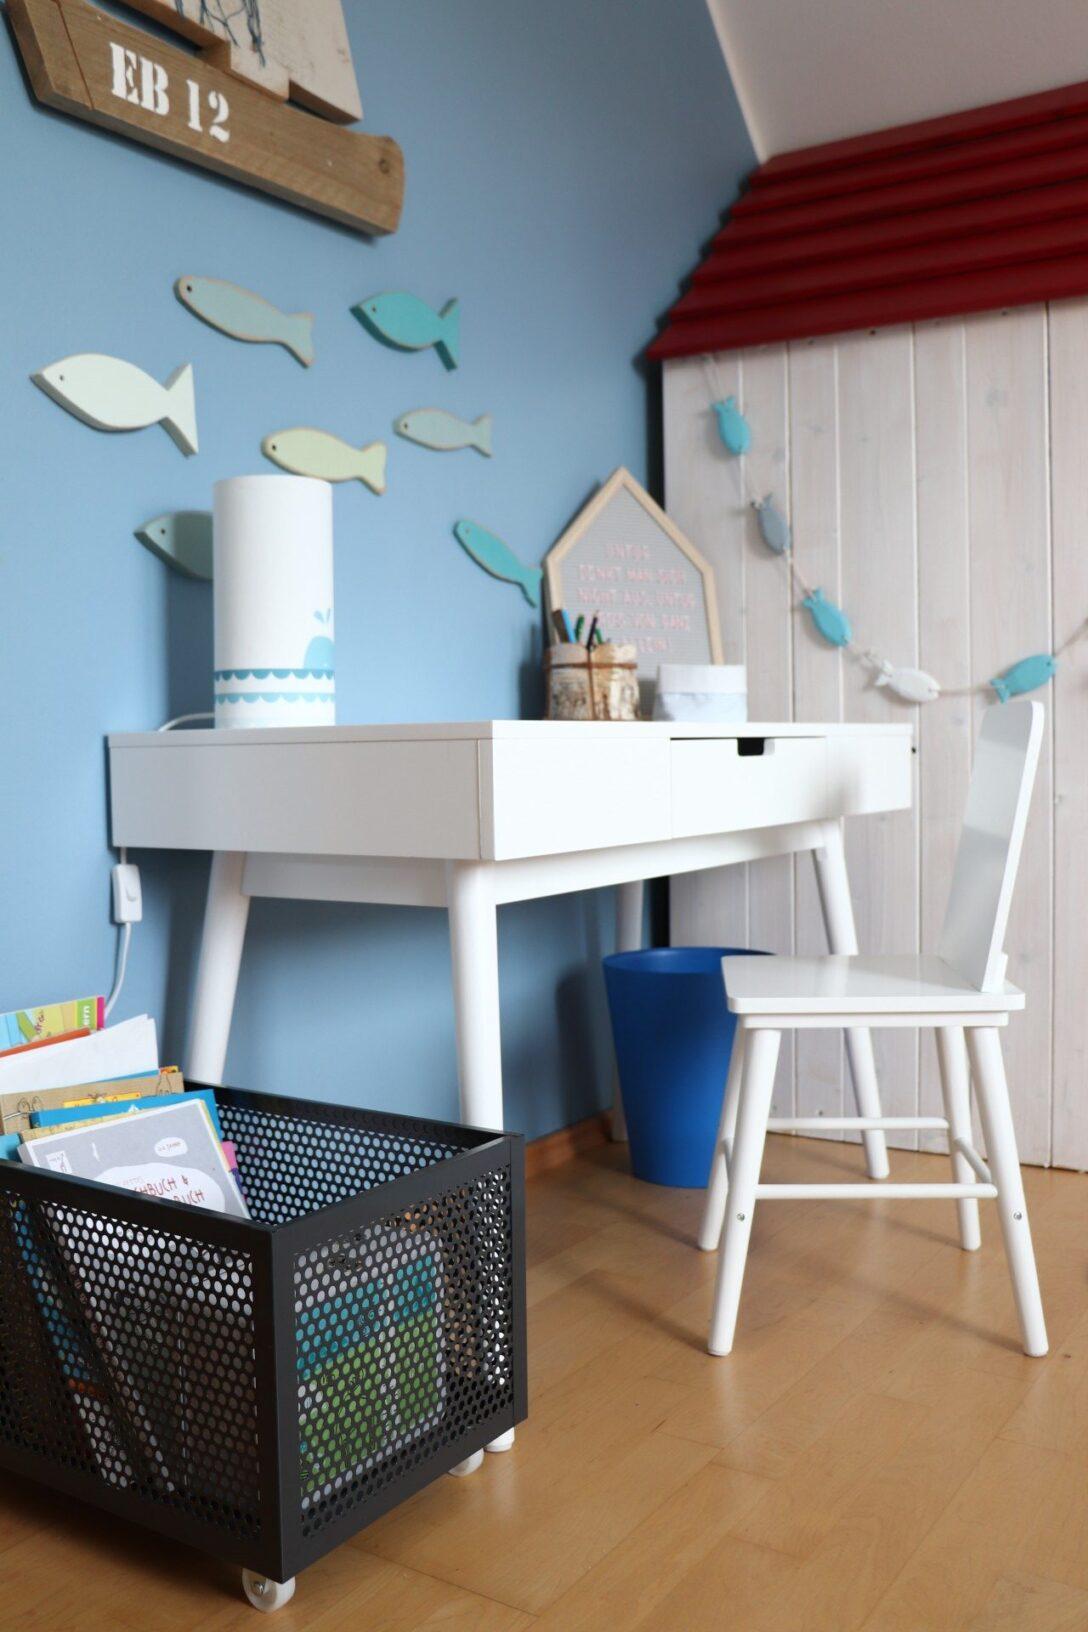 Large Size of Kinderzimmer Einrichtung Einrichten Schreibtisch Lavendelblog Sofa Regal Regale Weiß Kinderzimmer Kinderzimmer Einrichtung